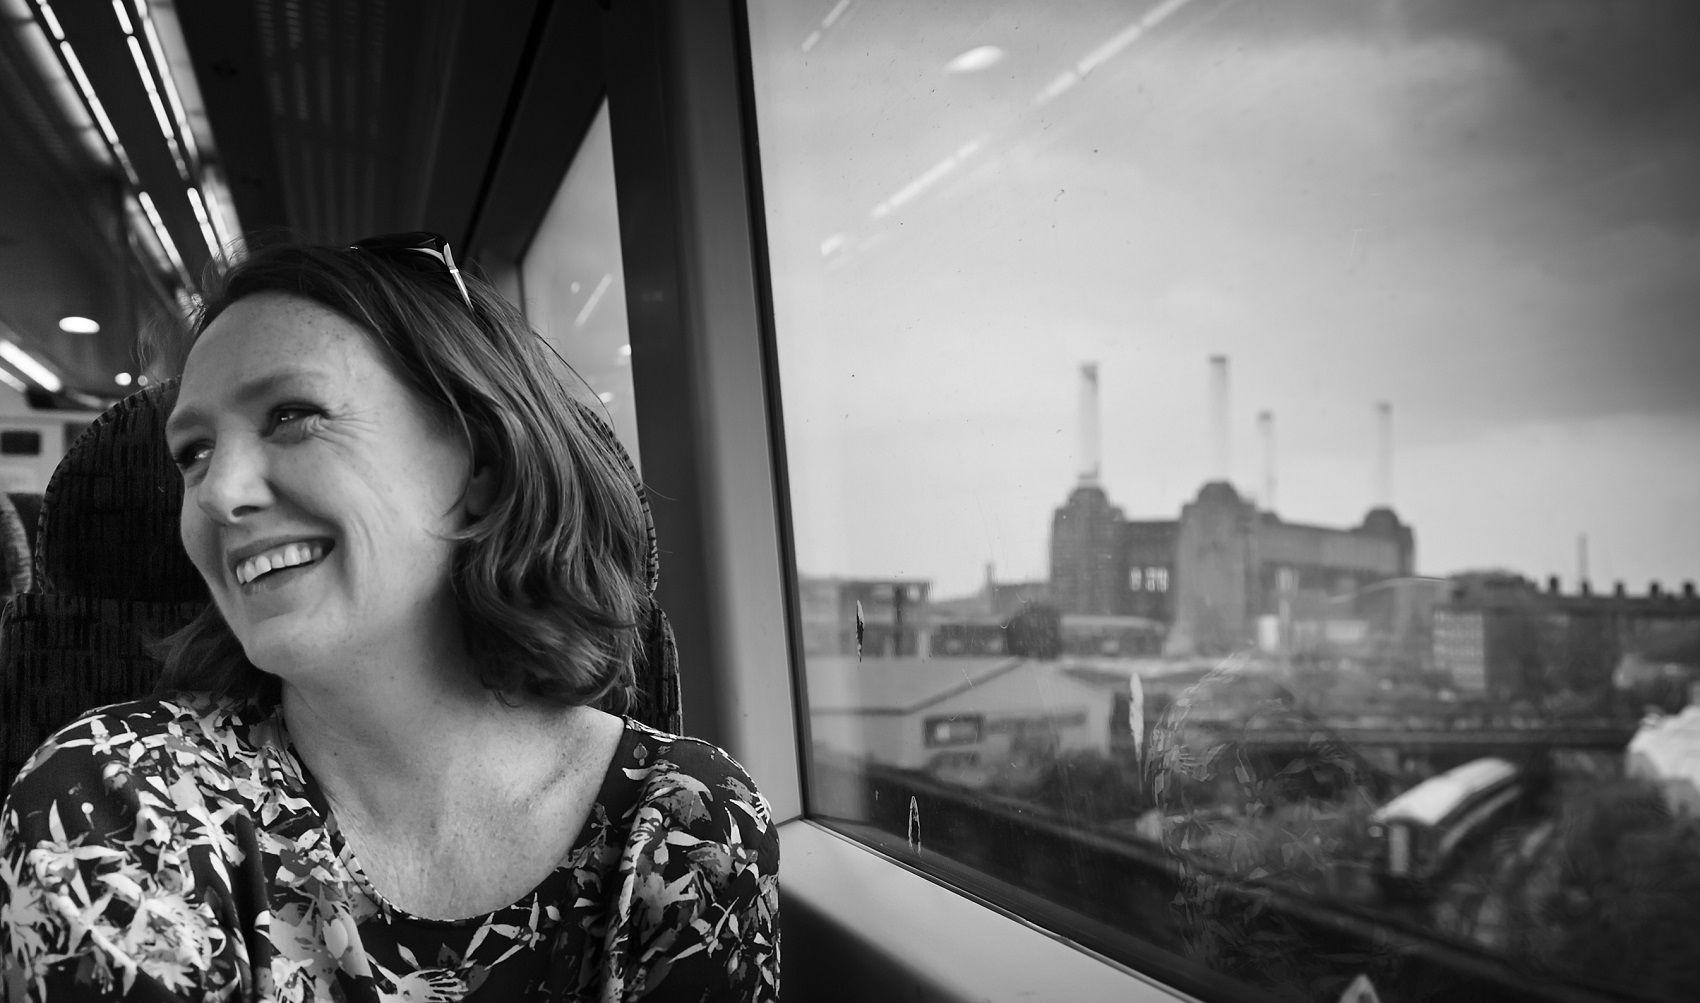 'La ragazza del treno', il libro di Paula Hawkins: trama